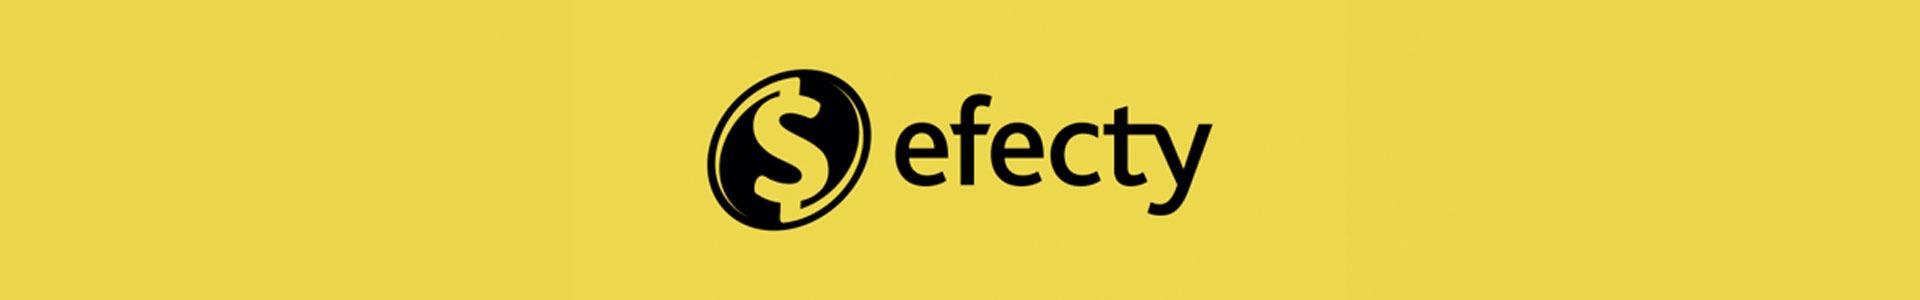 efecty-banner